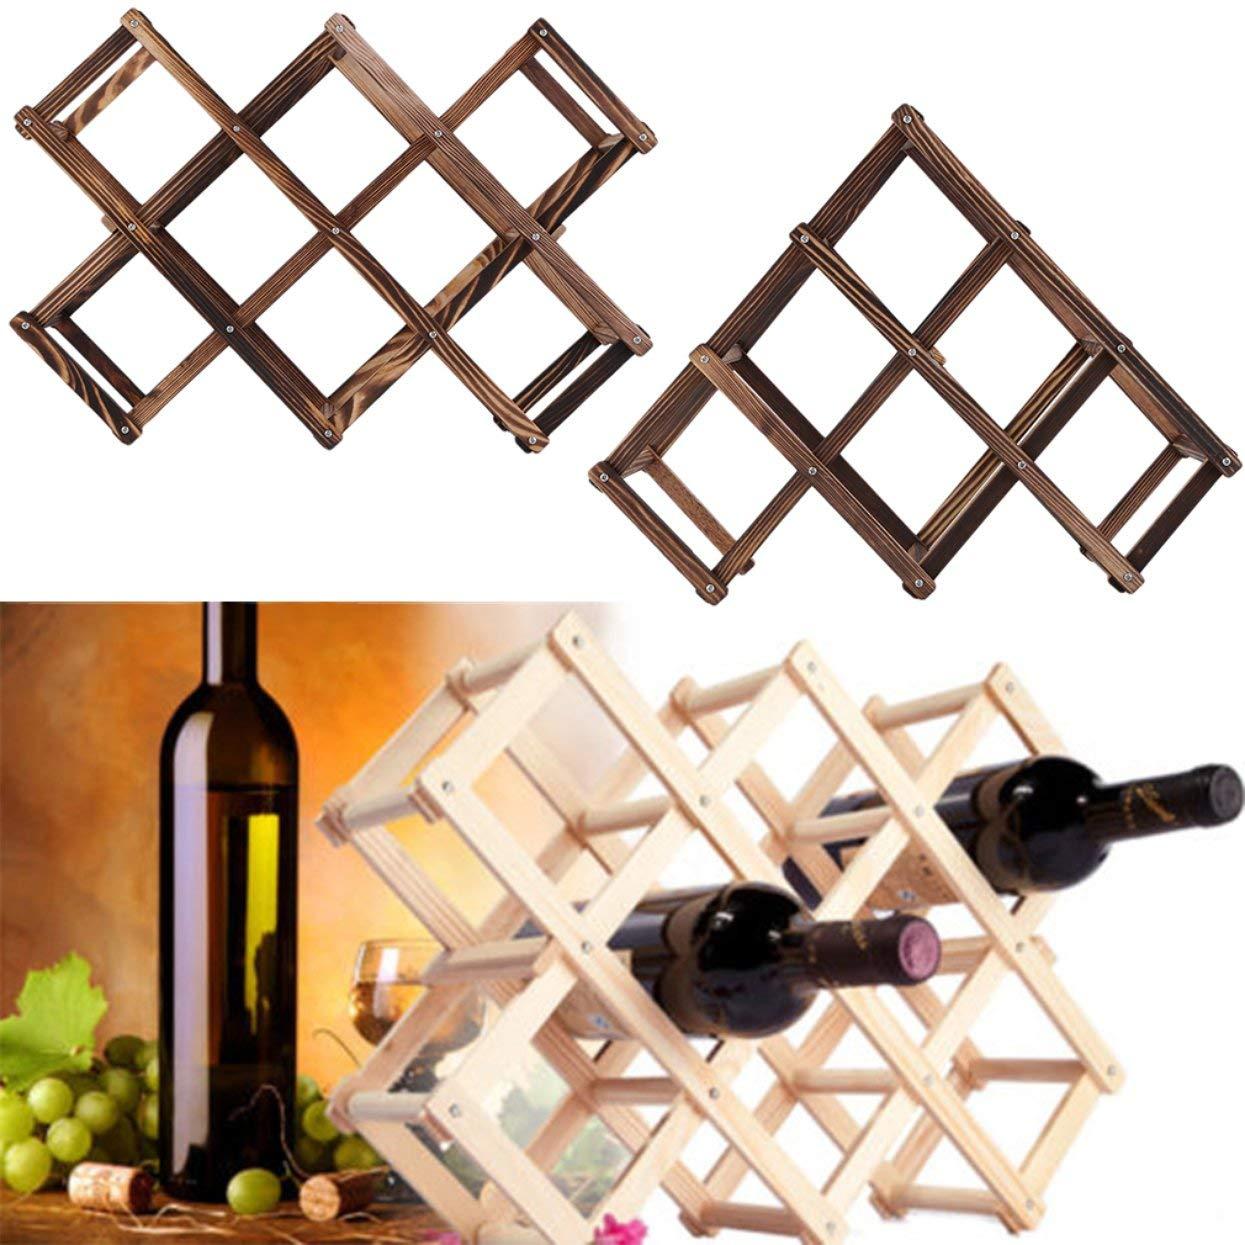 LoveOlvidoF Casier /à vin Rouge en Bois Classique de Haute qualit/é 3//6//10 Porte-Bouteille Montage Cuisine Bar pr/ésentoir de Haute qualit/é /él/égant